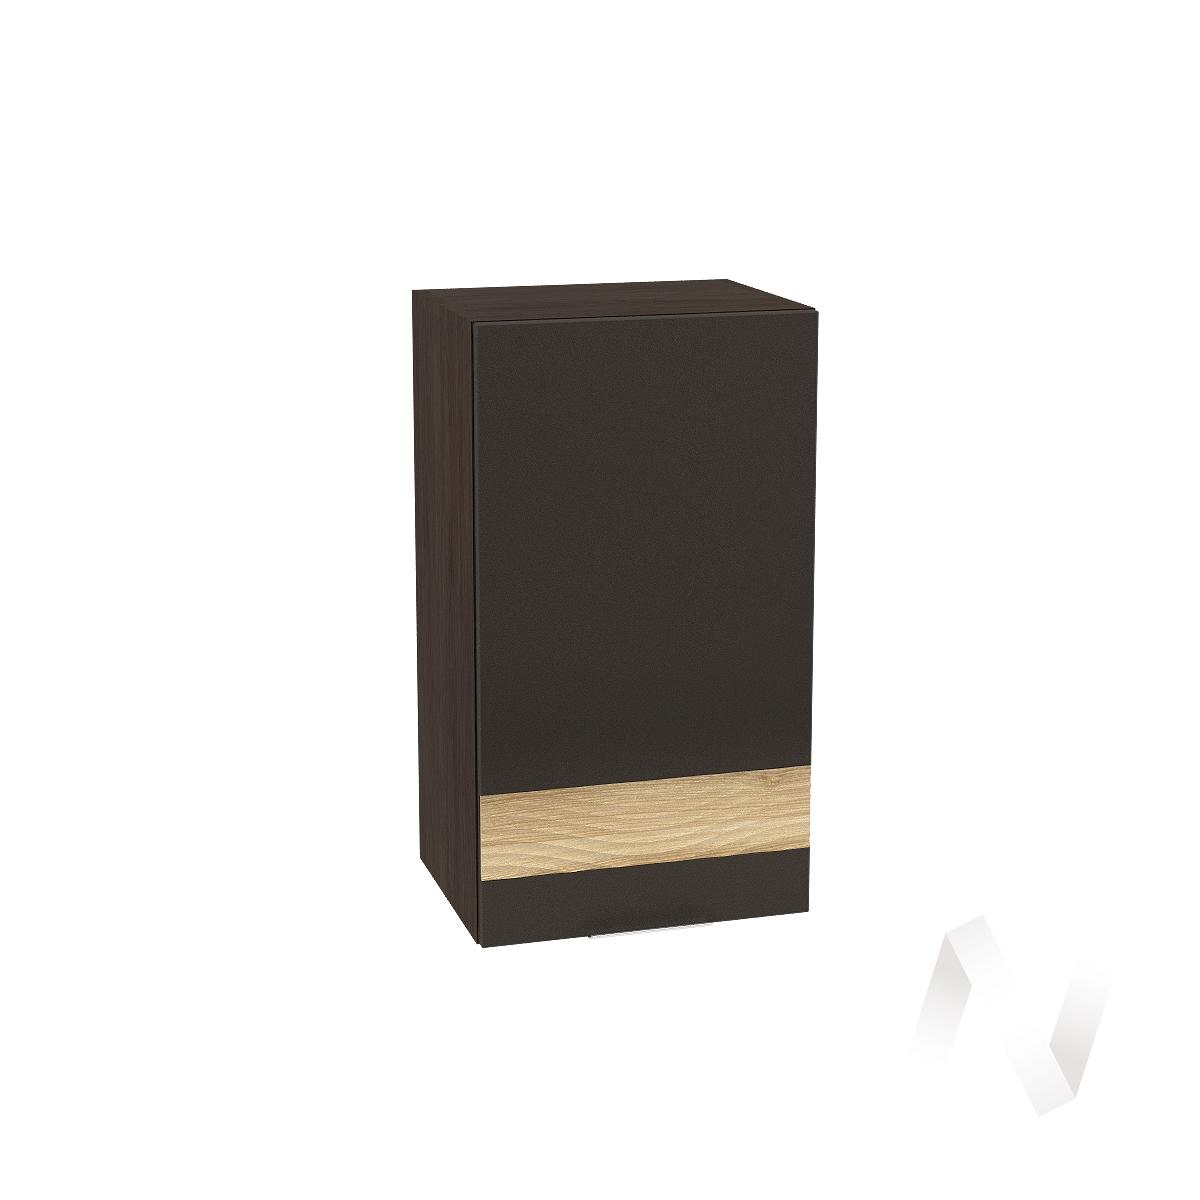 """Кухня """"Терра"""": Шкаф верхний правый 400, ШВ 400 (смоки софт/ель карпатская/корпус венге)"""